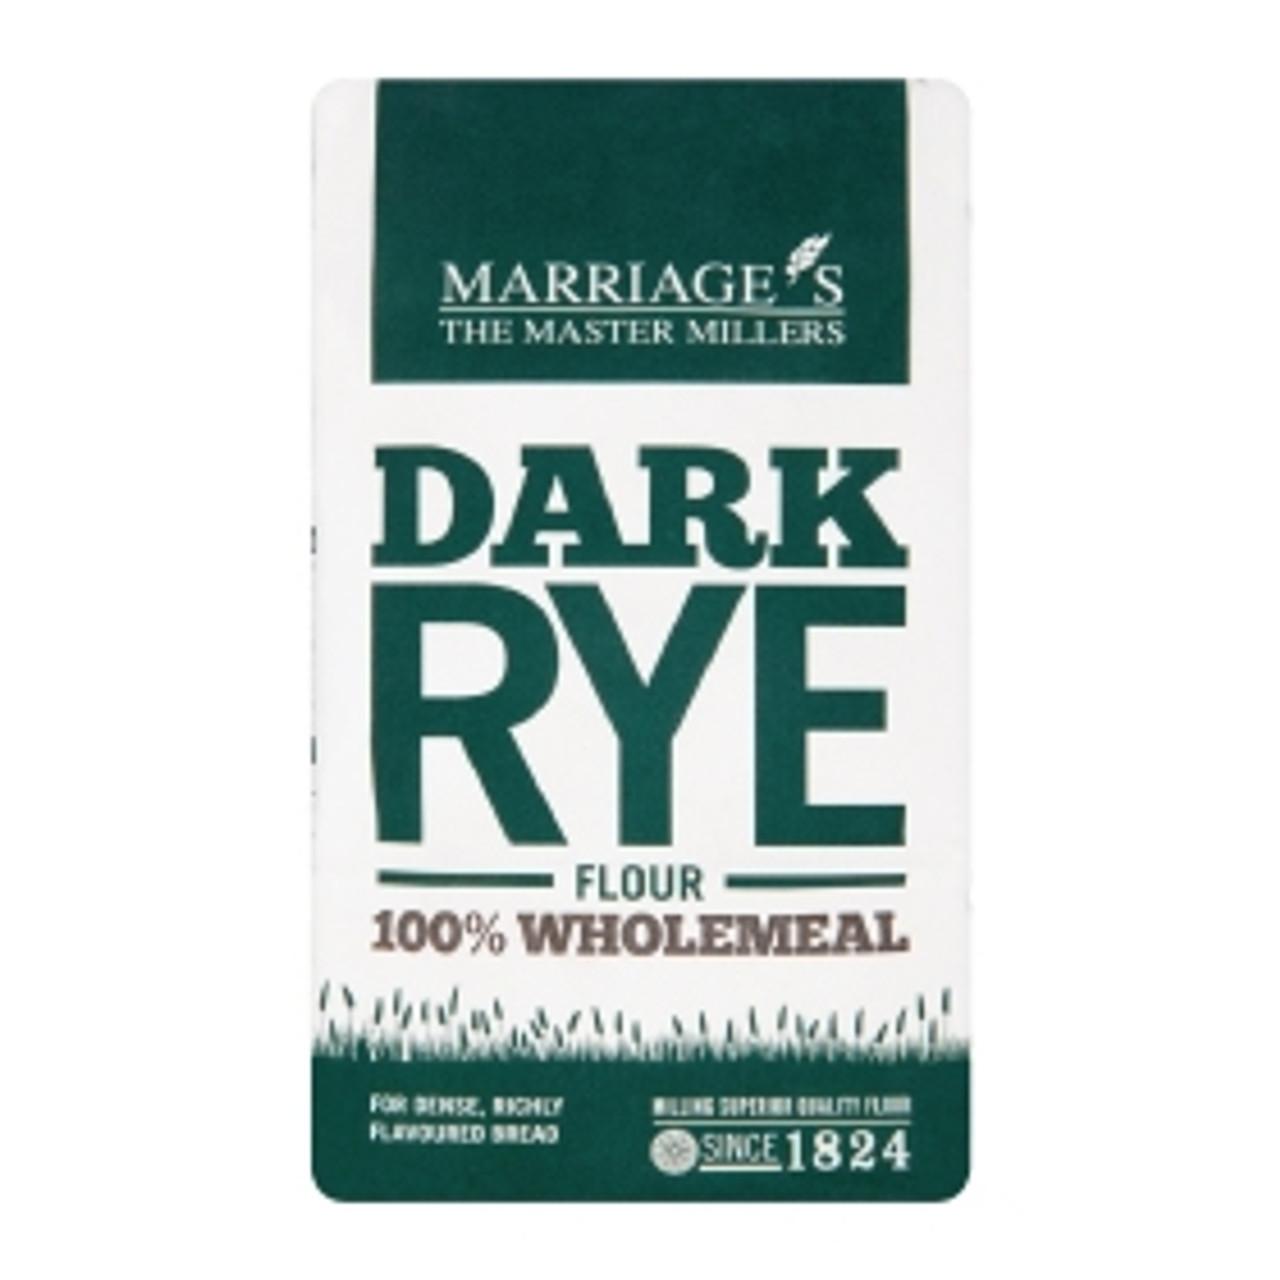 DARK RYE FLOUR 1kg W H MARRIAGE'S